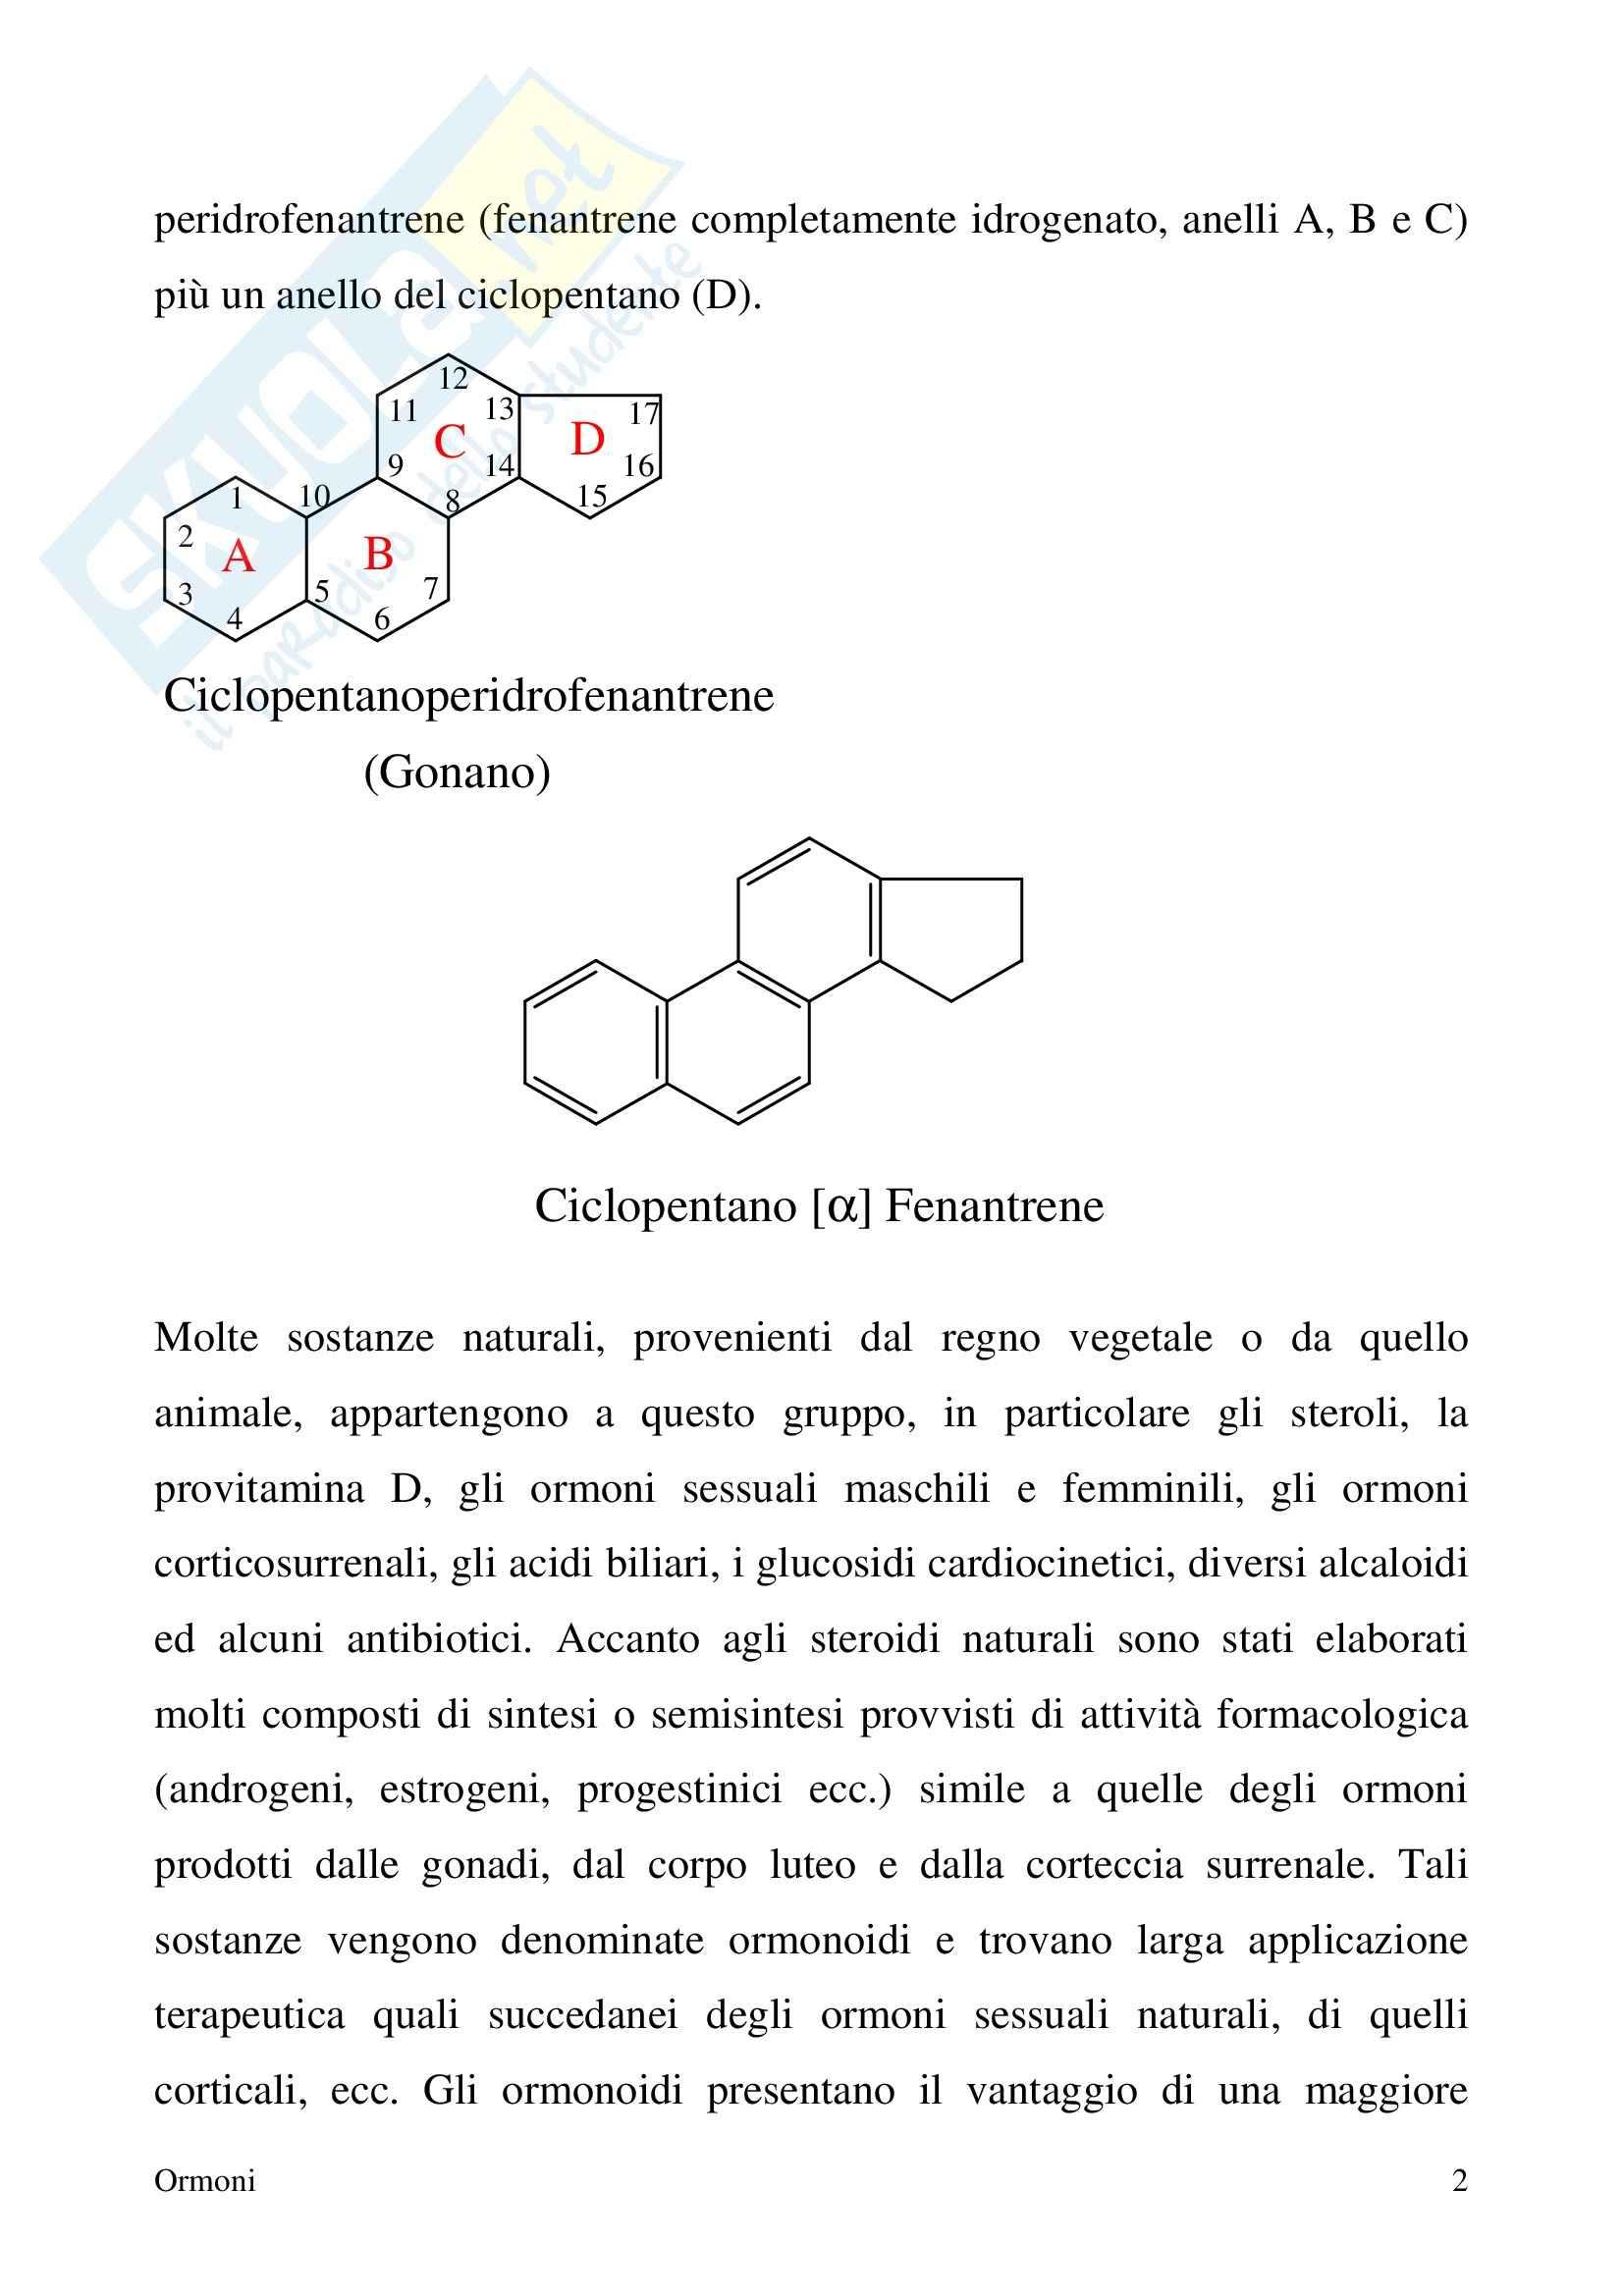 Chimica farmaceutica - ormoni Pag. 2